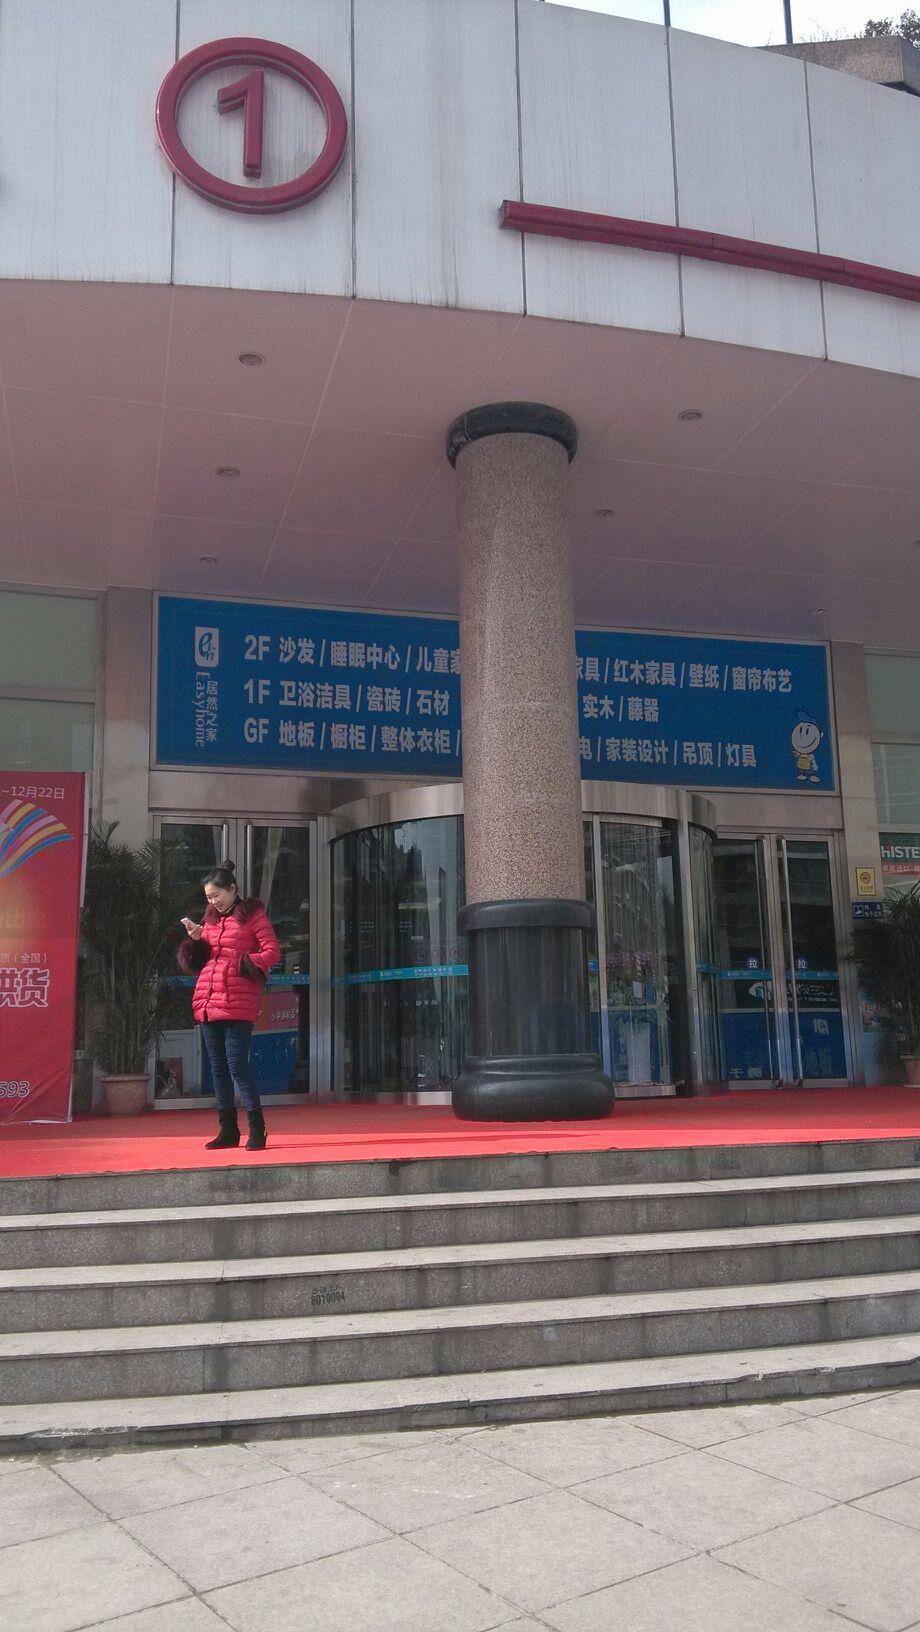 北京西路98号世纪金源购物中心d座